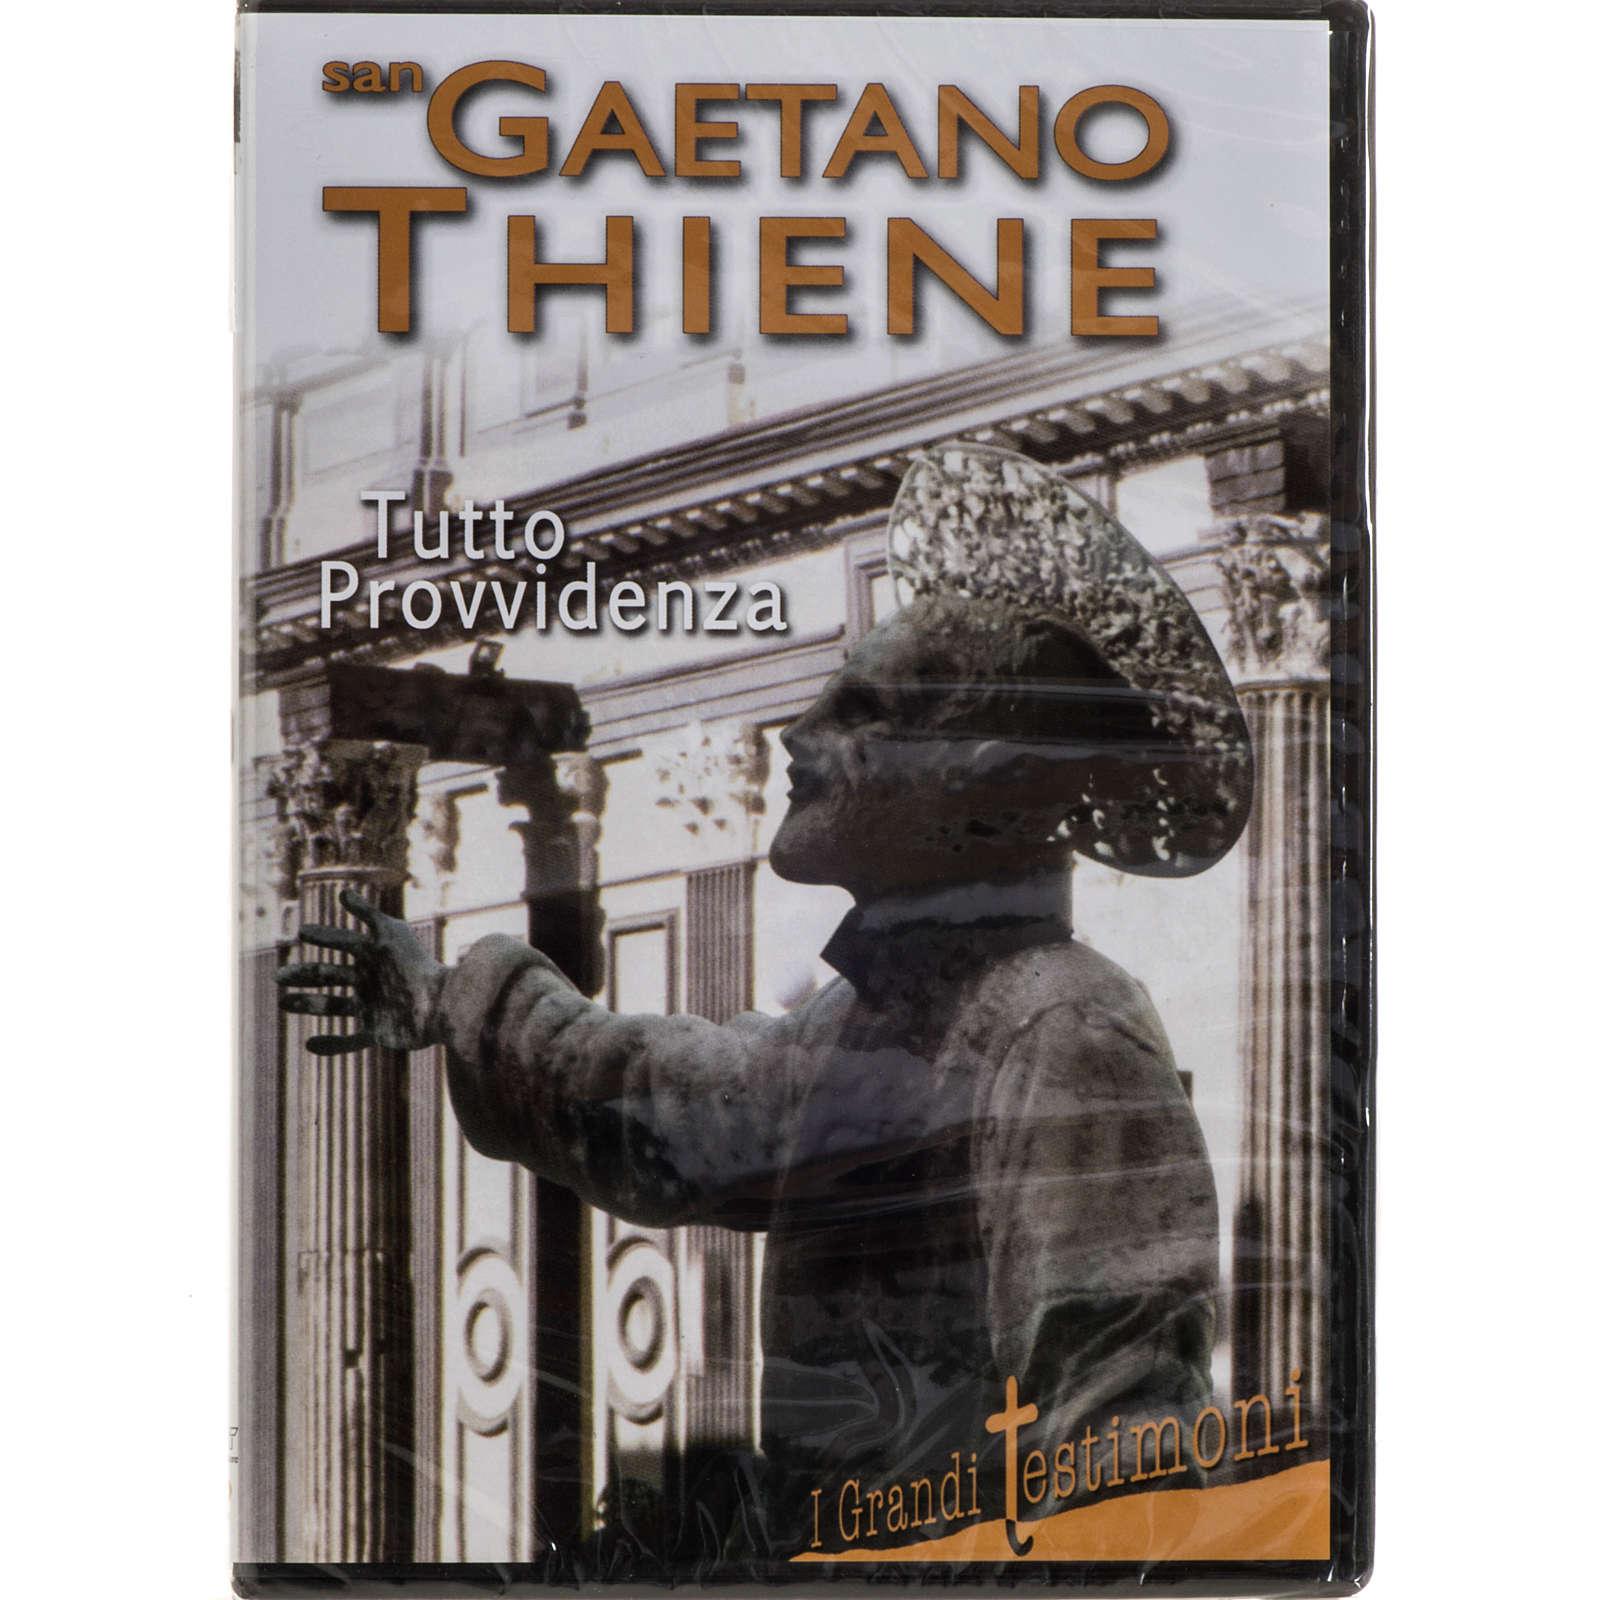 San Gaetano Thiene: tutto provvidenza 3